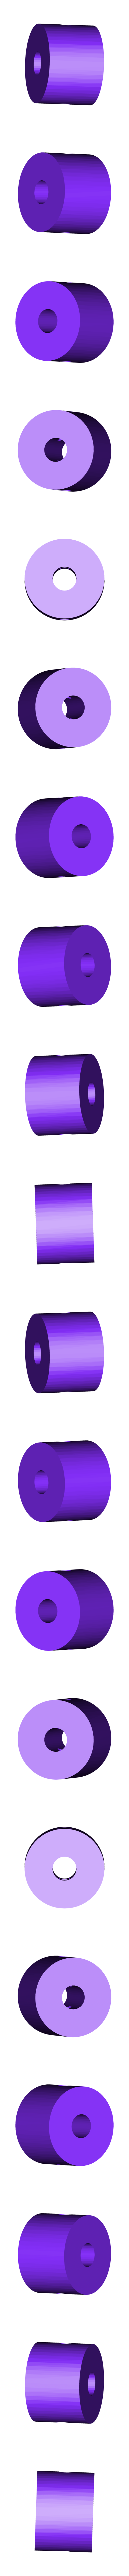 eolienne_2_arret_helice.STL Download free STL file Eolienne Wind turbine • 3D printing model, lulu3Dbuilder